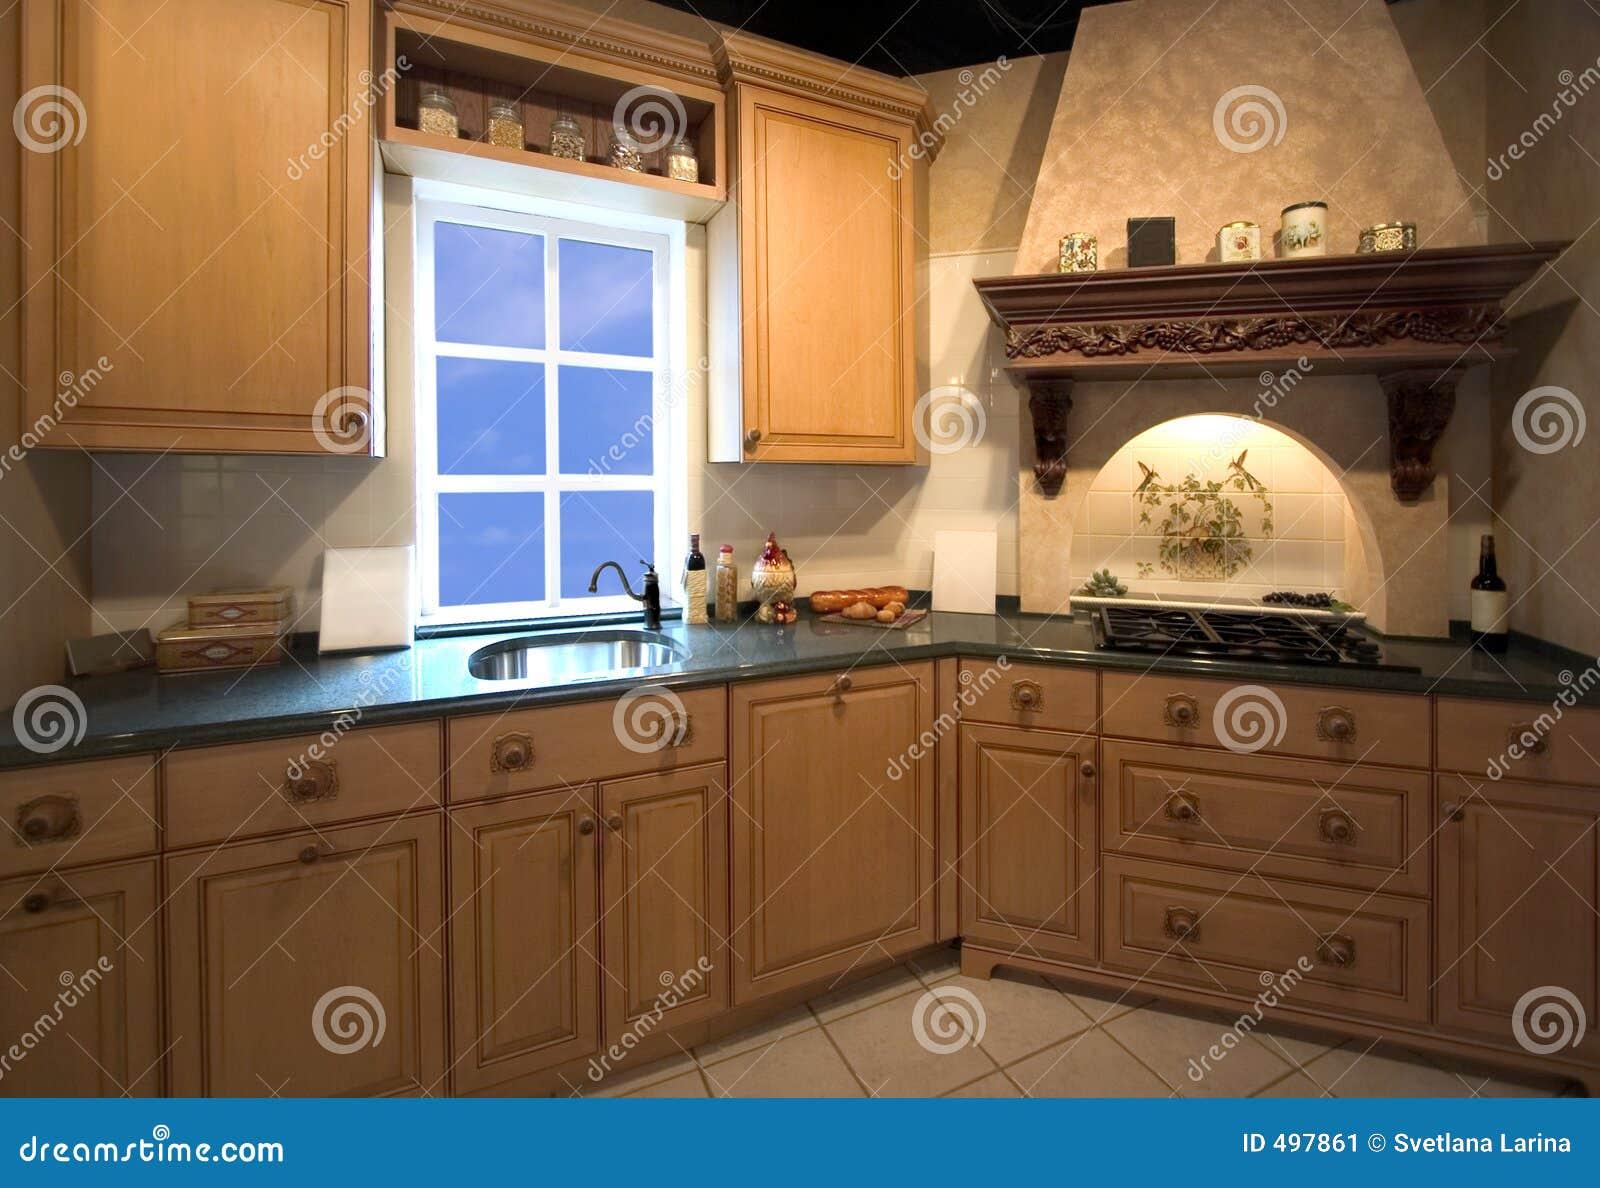 Interiore Della Cucina Con La Finestra Immagine Stock - Immagine di ...